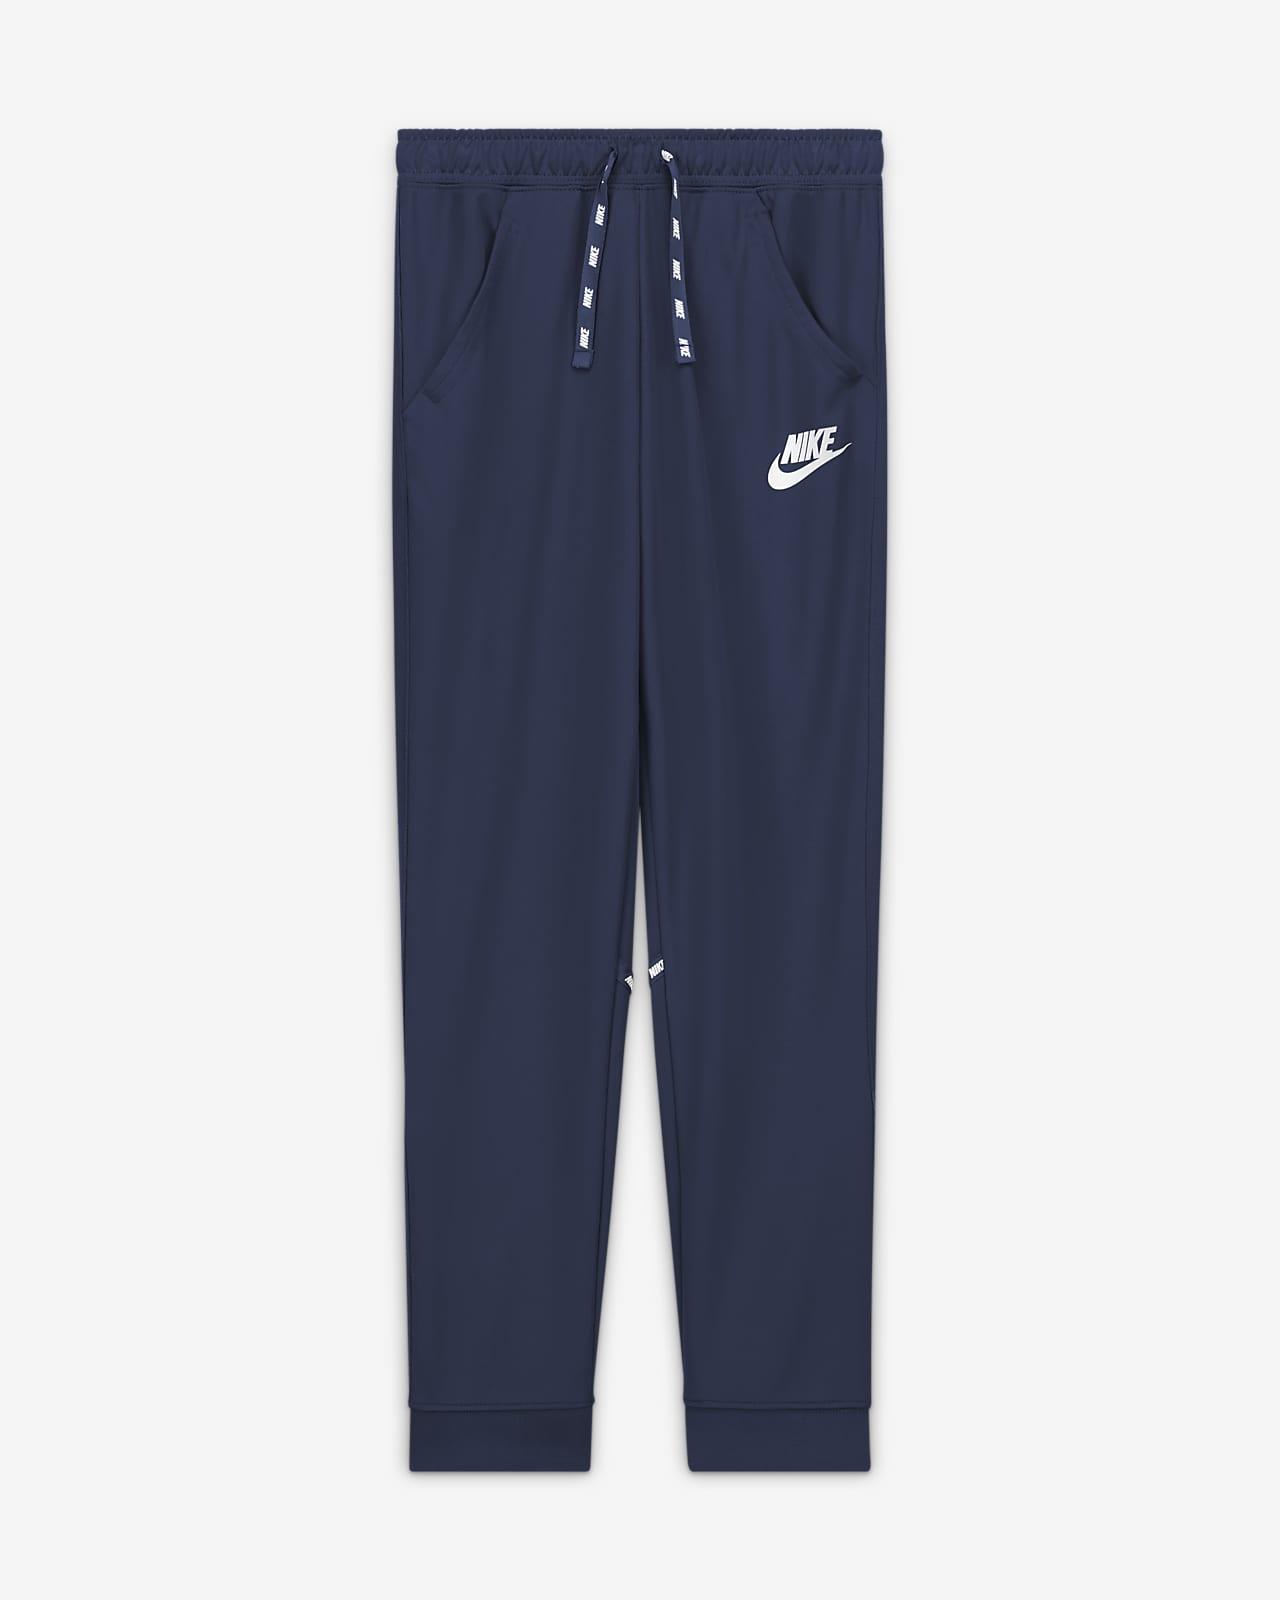 Nike Sportswear Older Kids' (Boys') Tapered Trousers